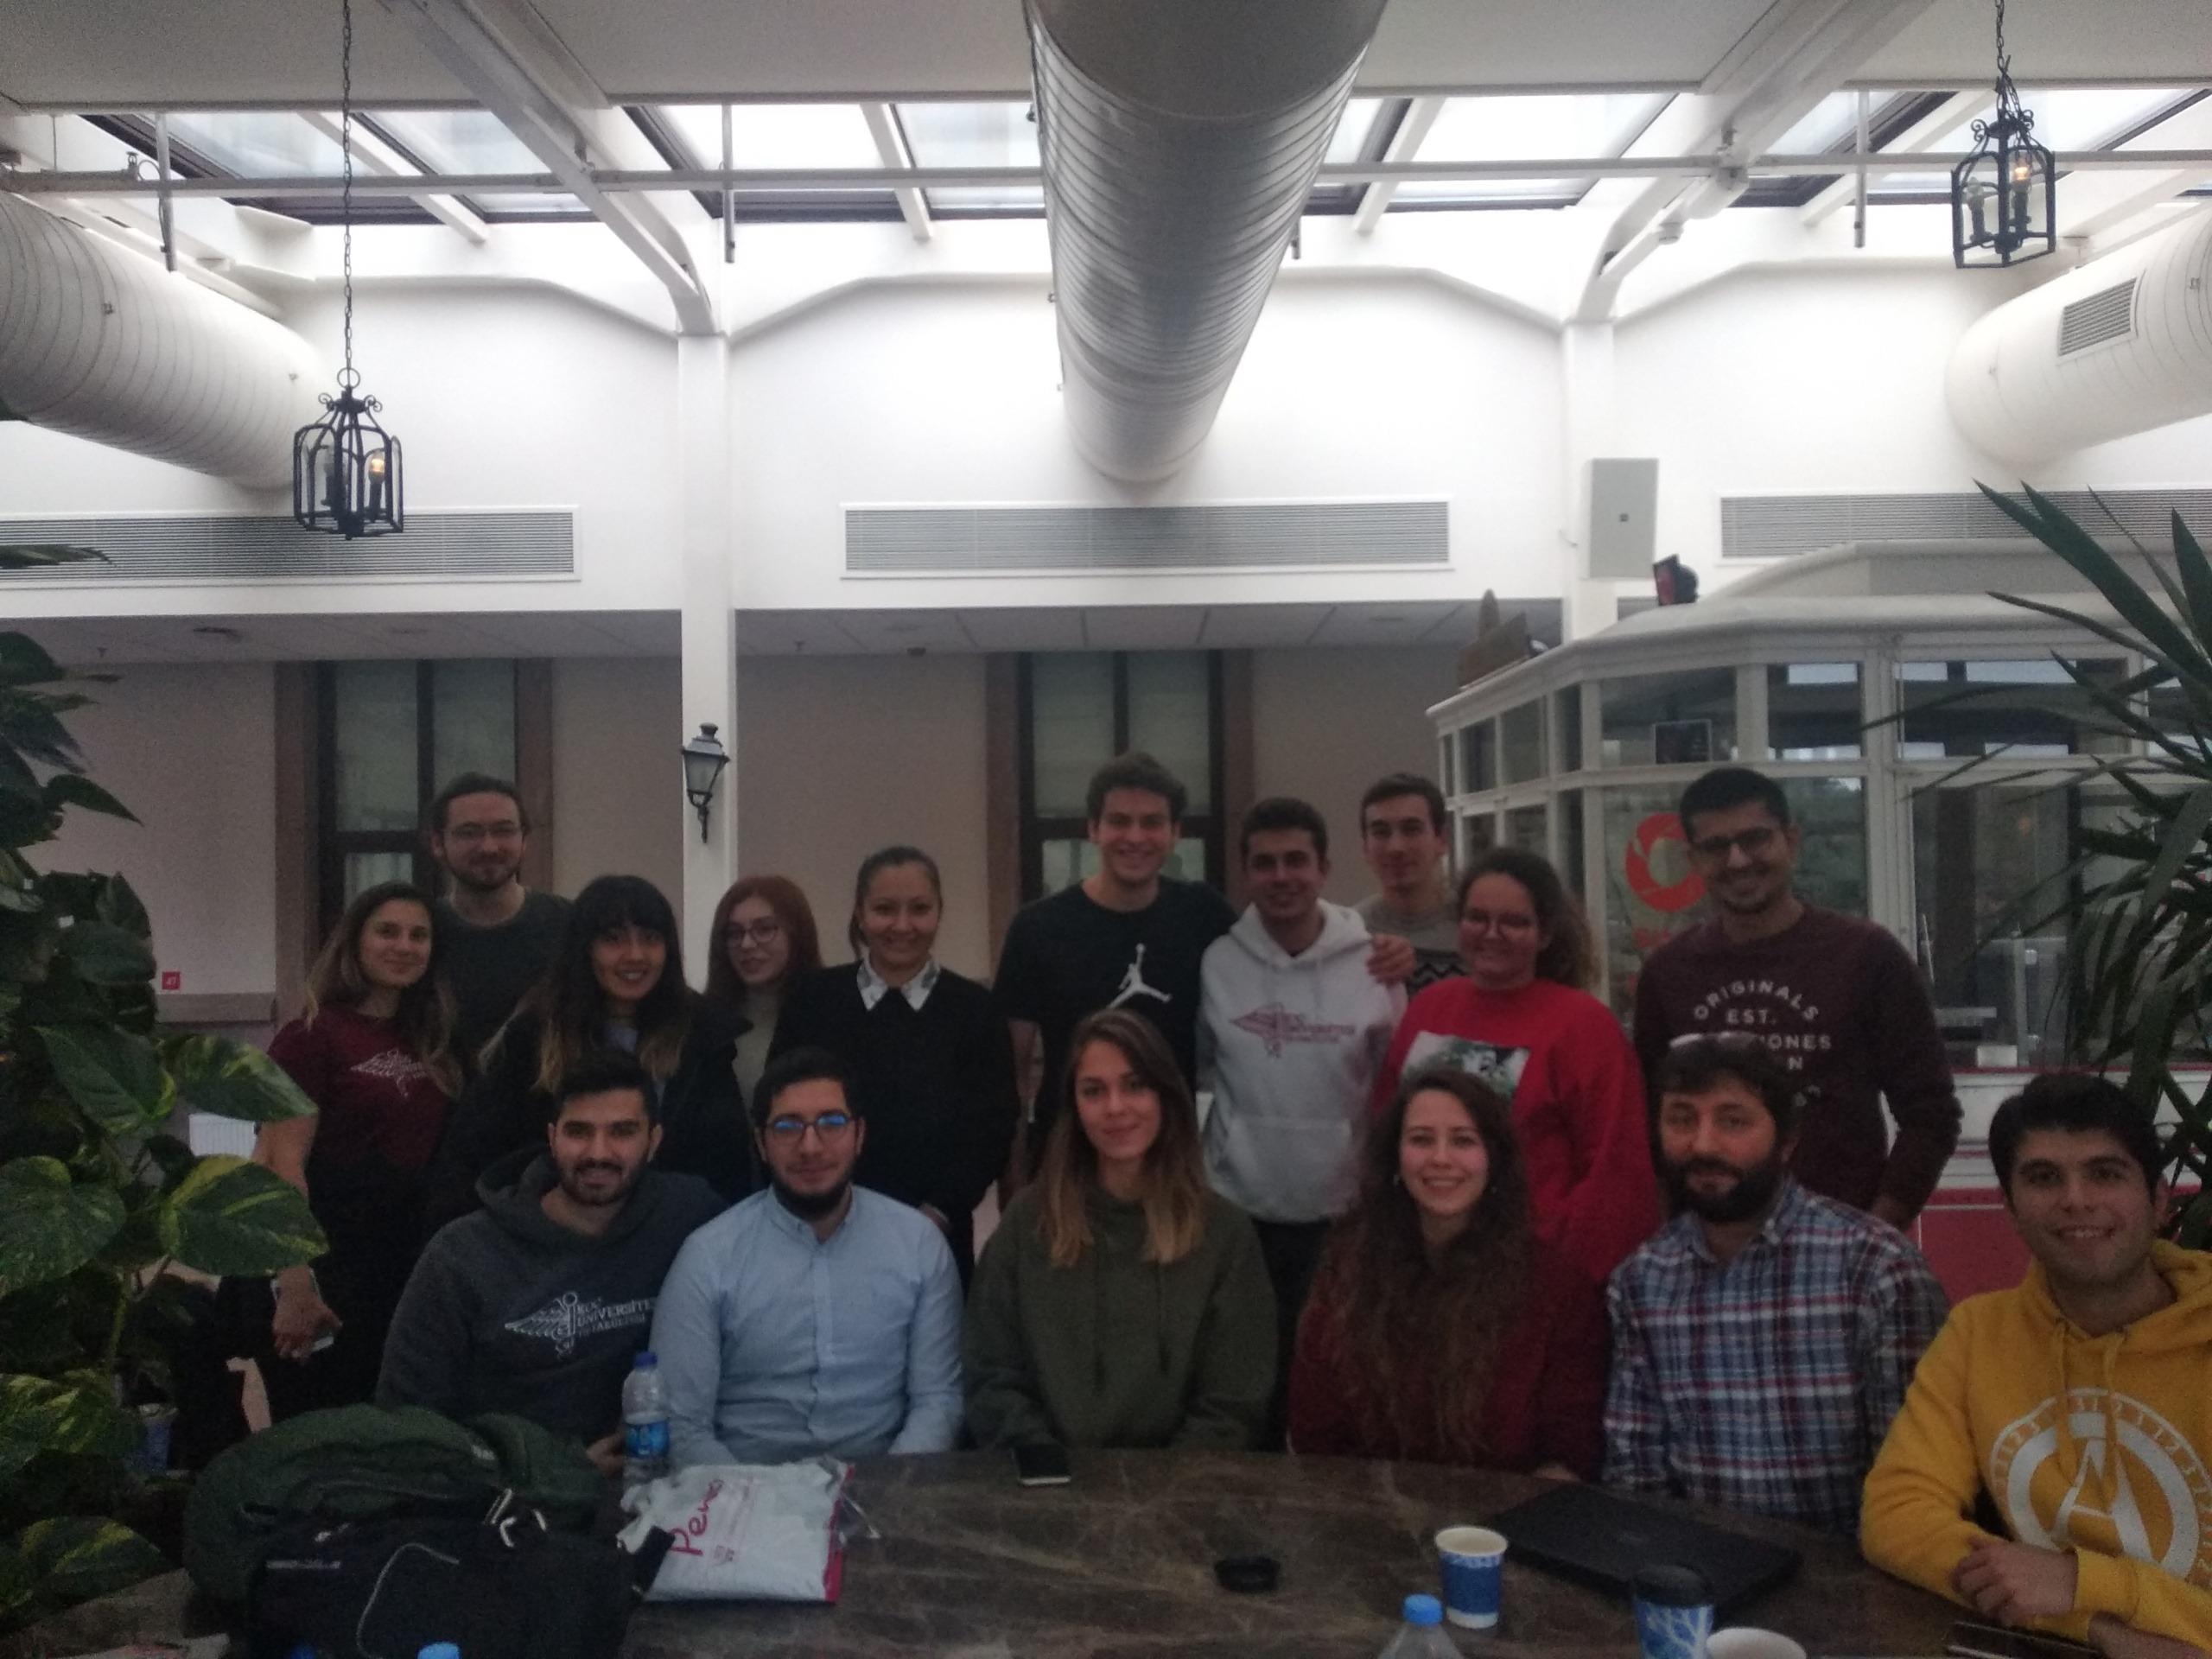 """Koç Üniversitesi Öğrencileri ile """"HIV/AIDS ve Stigma"""" Konulu Farkındalık Eğitiminde Buluştuk!"""